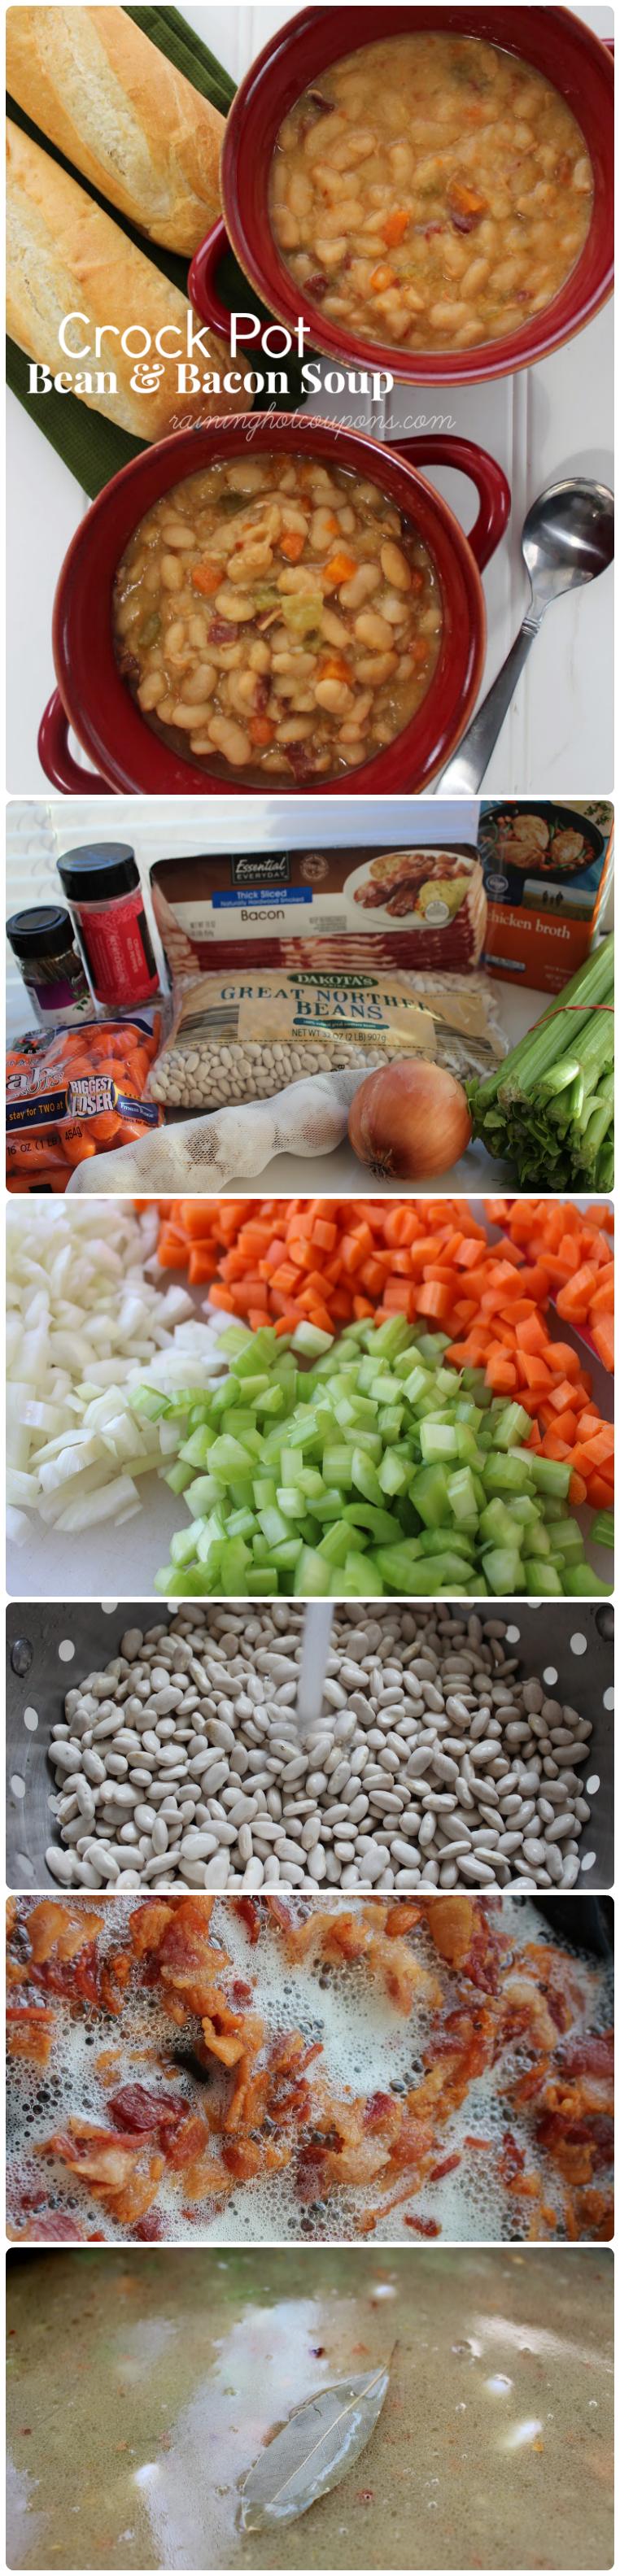 crock pot bean soup collage